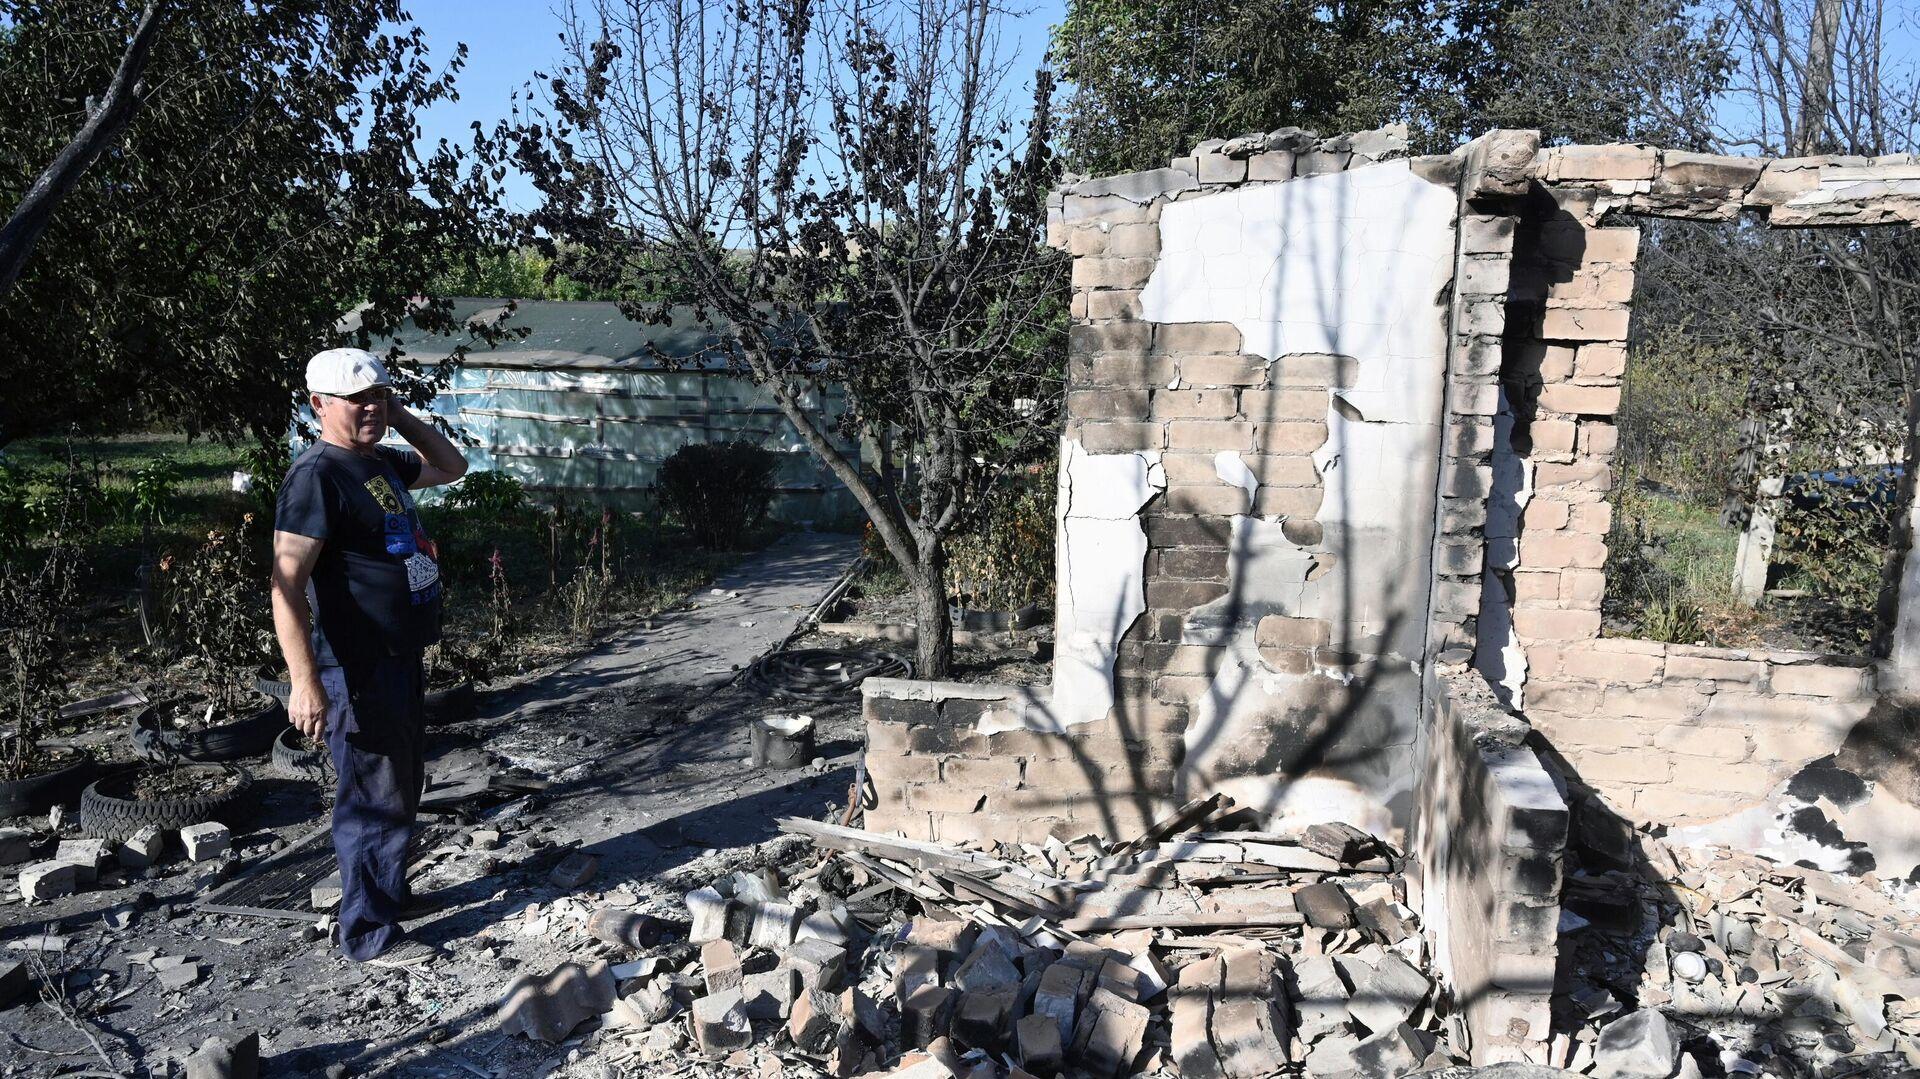 Местный житель около разрушенного дома в результате пожара в Ростовской области - РИА Новости, 1920, 03.09.2020